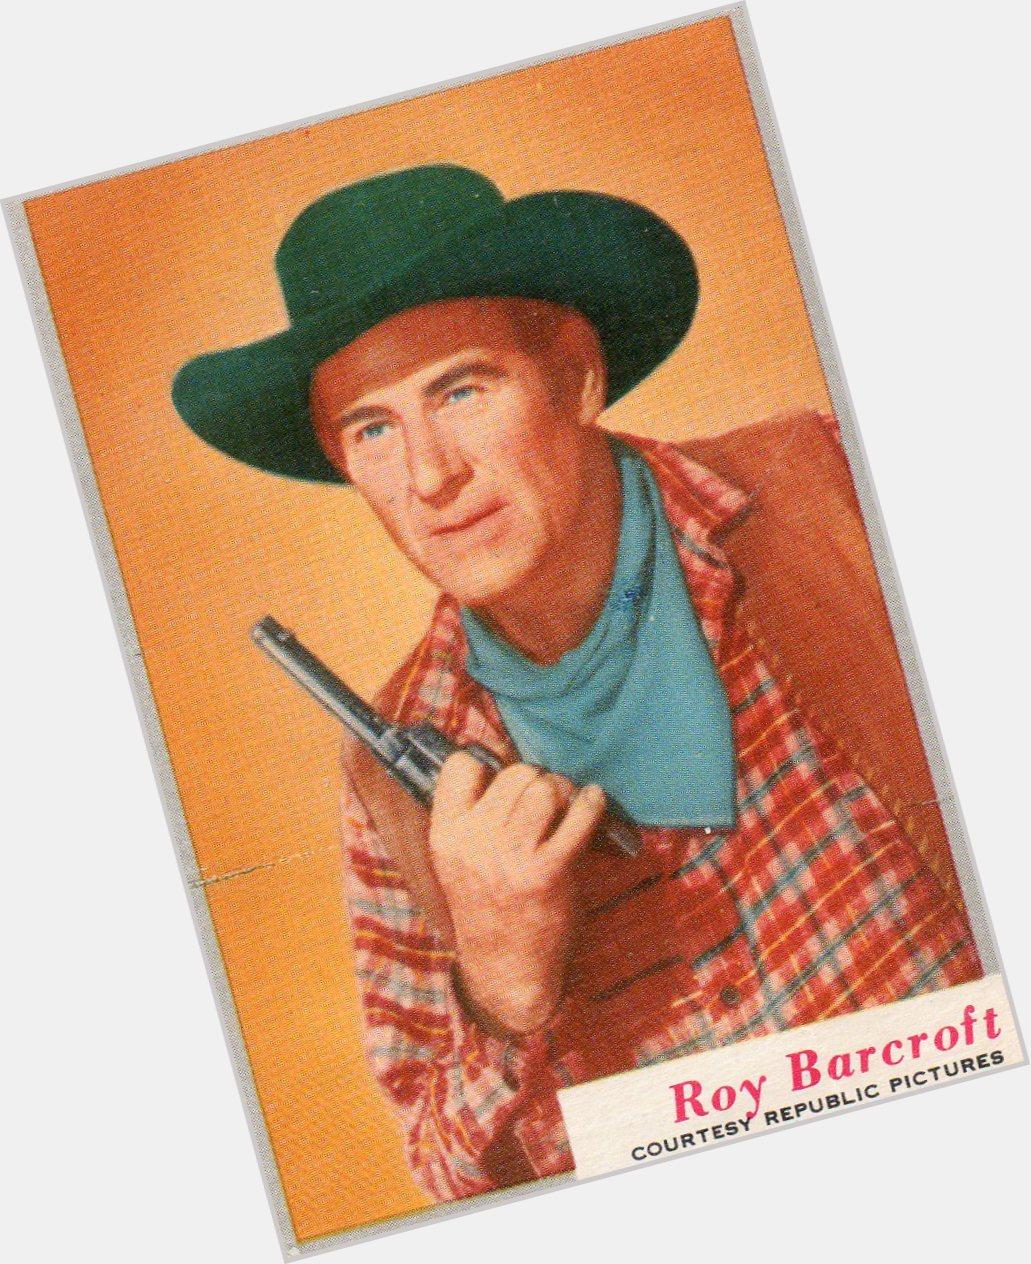 roy barcroft gunsmoke 9.jpg